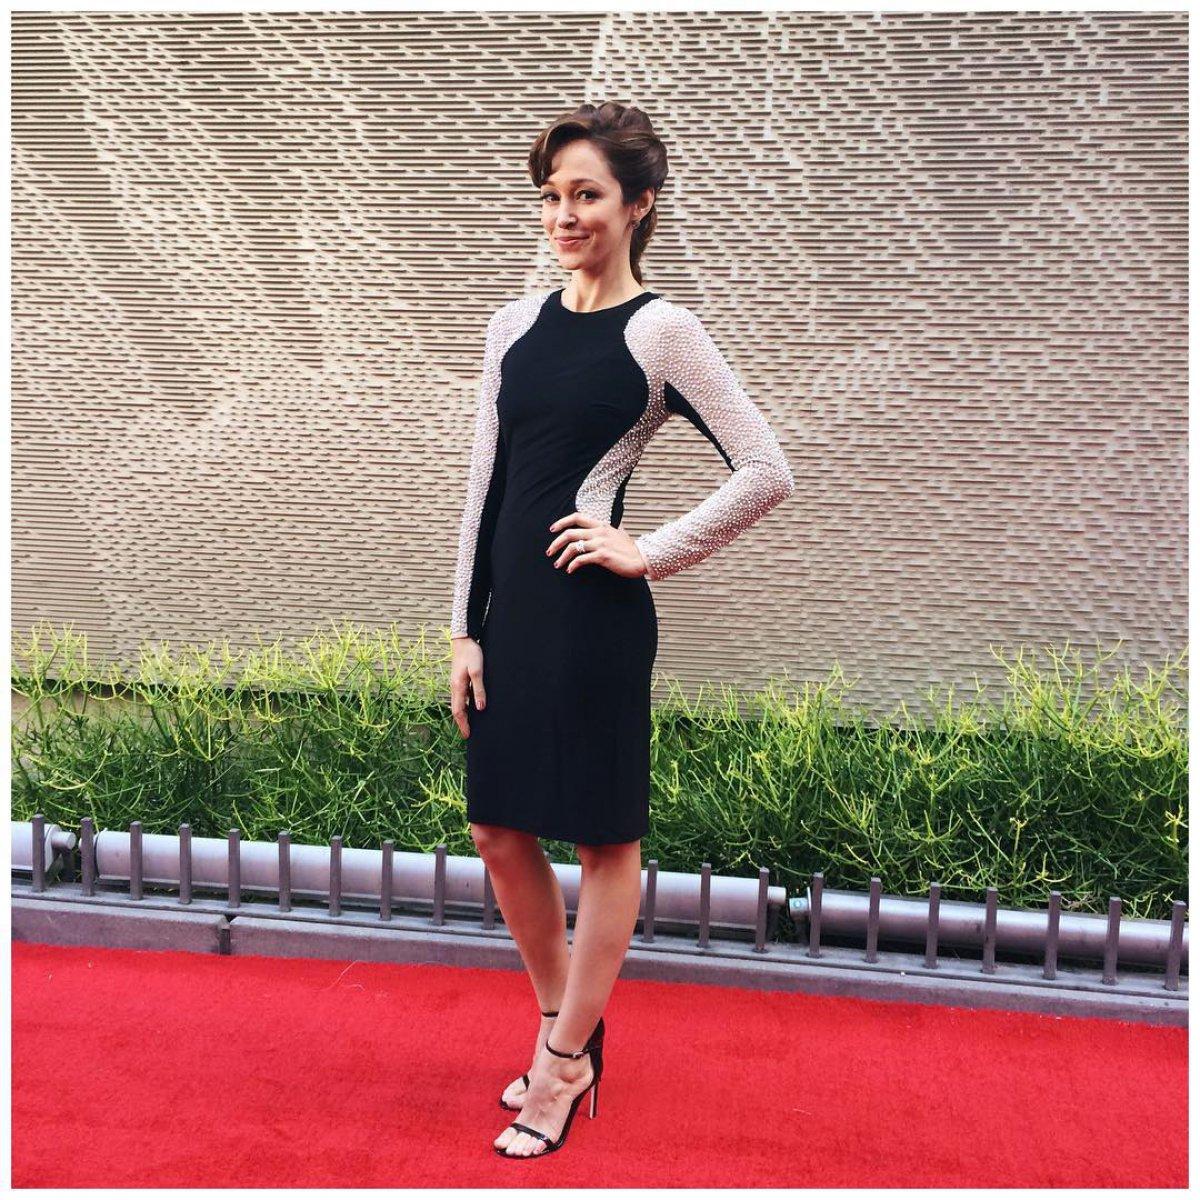 Forum on this topic: Sarah Edwards (actress), autumn-reeser/